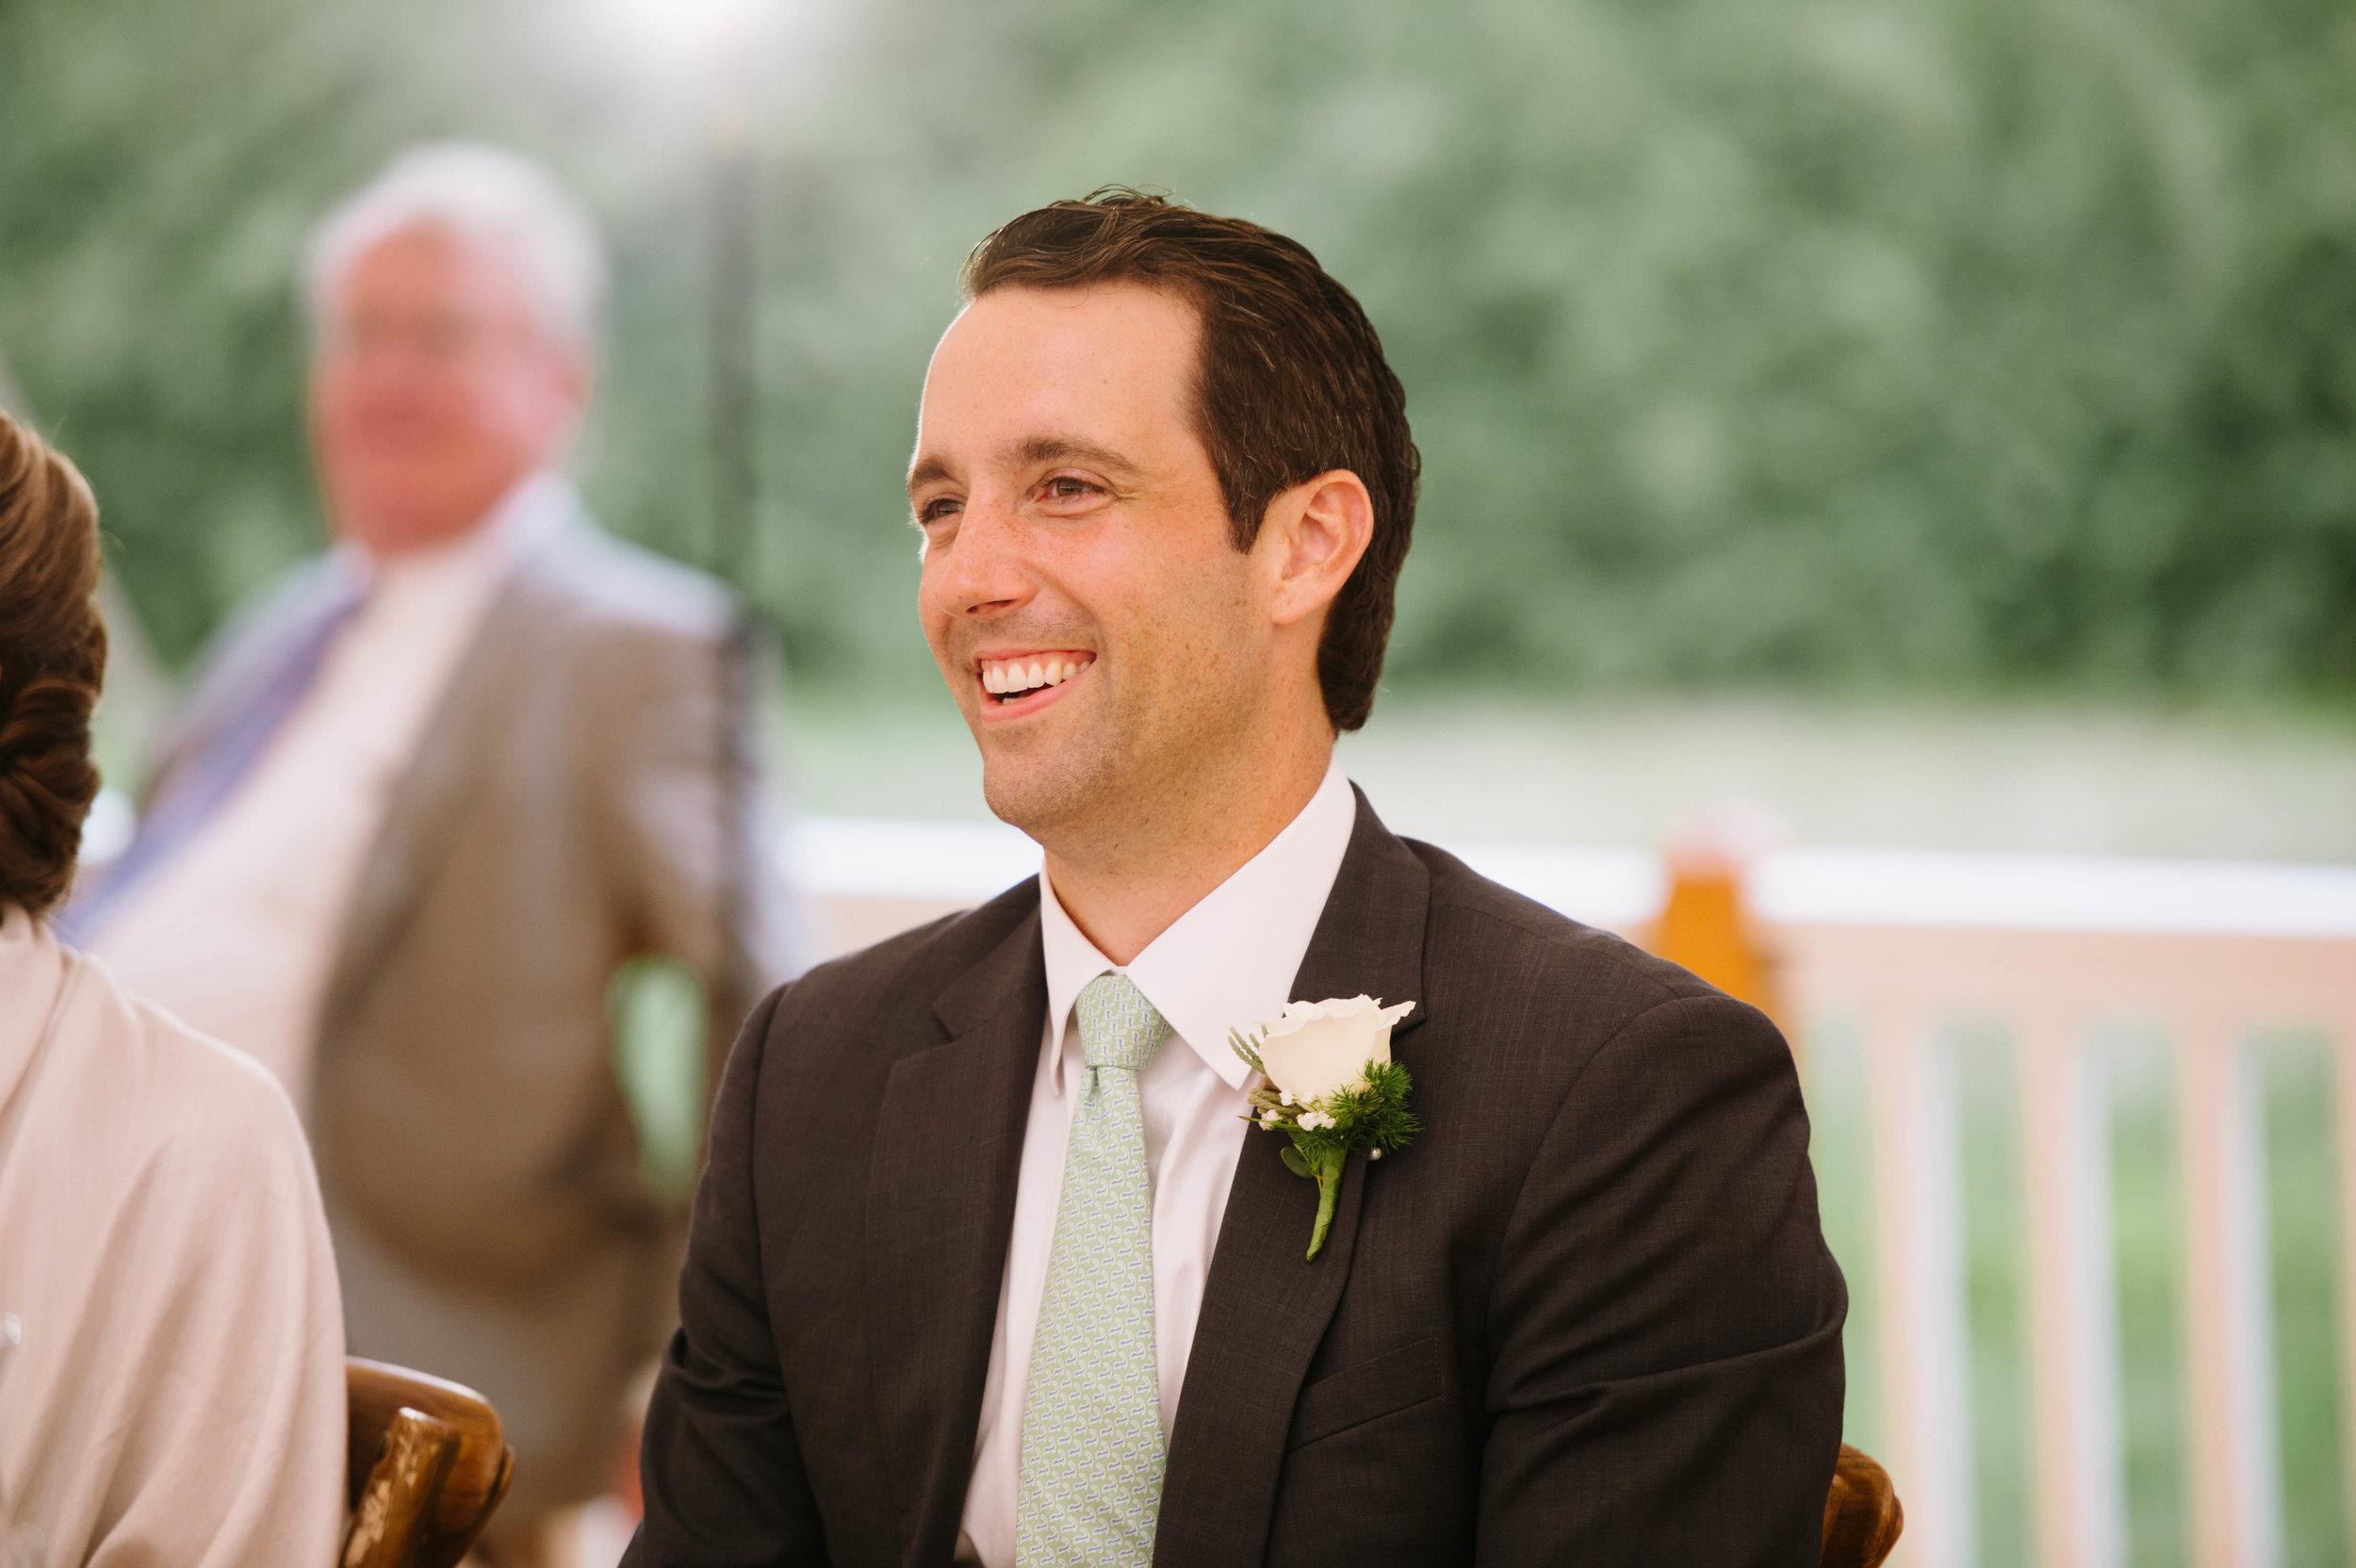 Katie-Noble-Wedding-Photography009.jpg